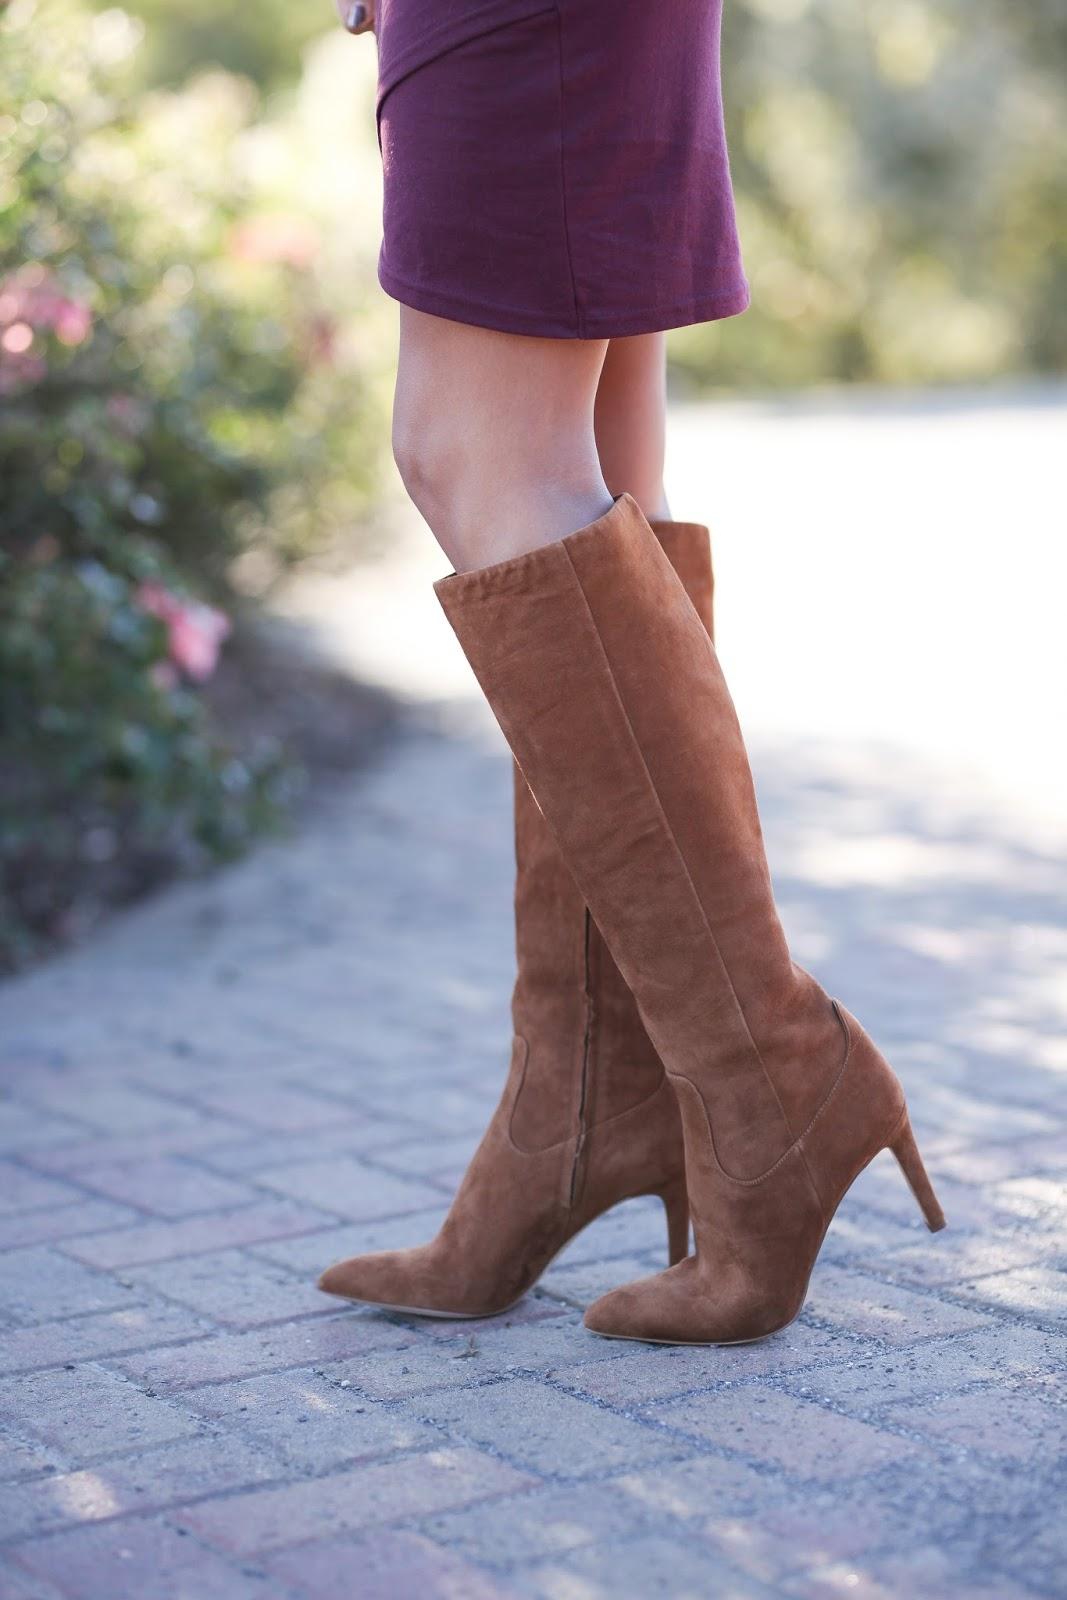 36084cc38 Sam Edelman Knee High Boots. All Photos by  Deeana Kourtney Photography